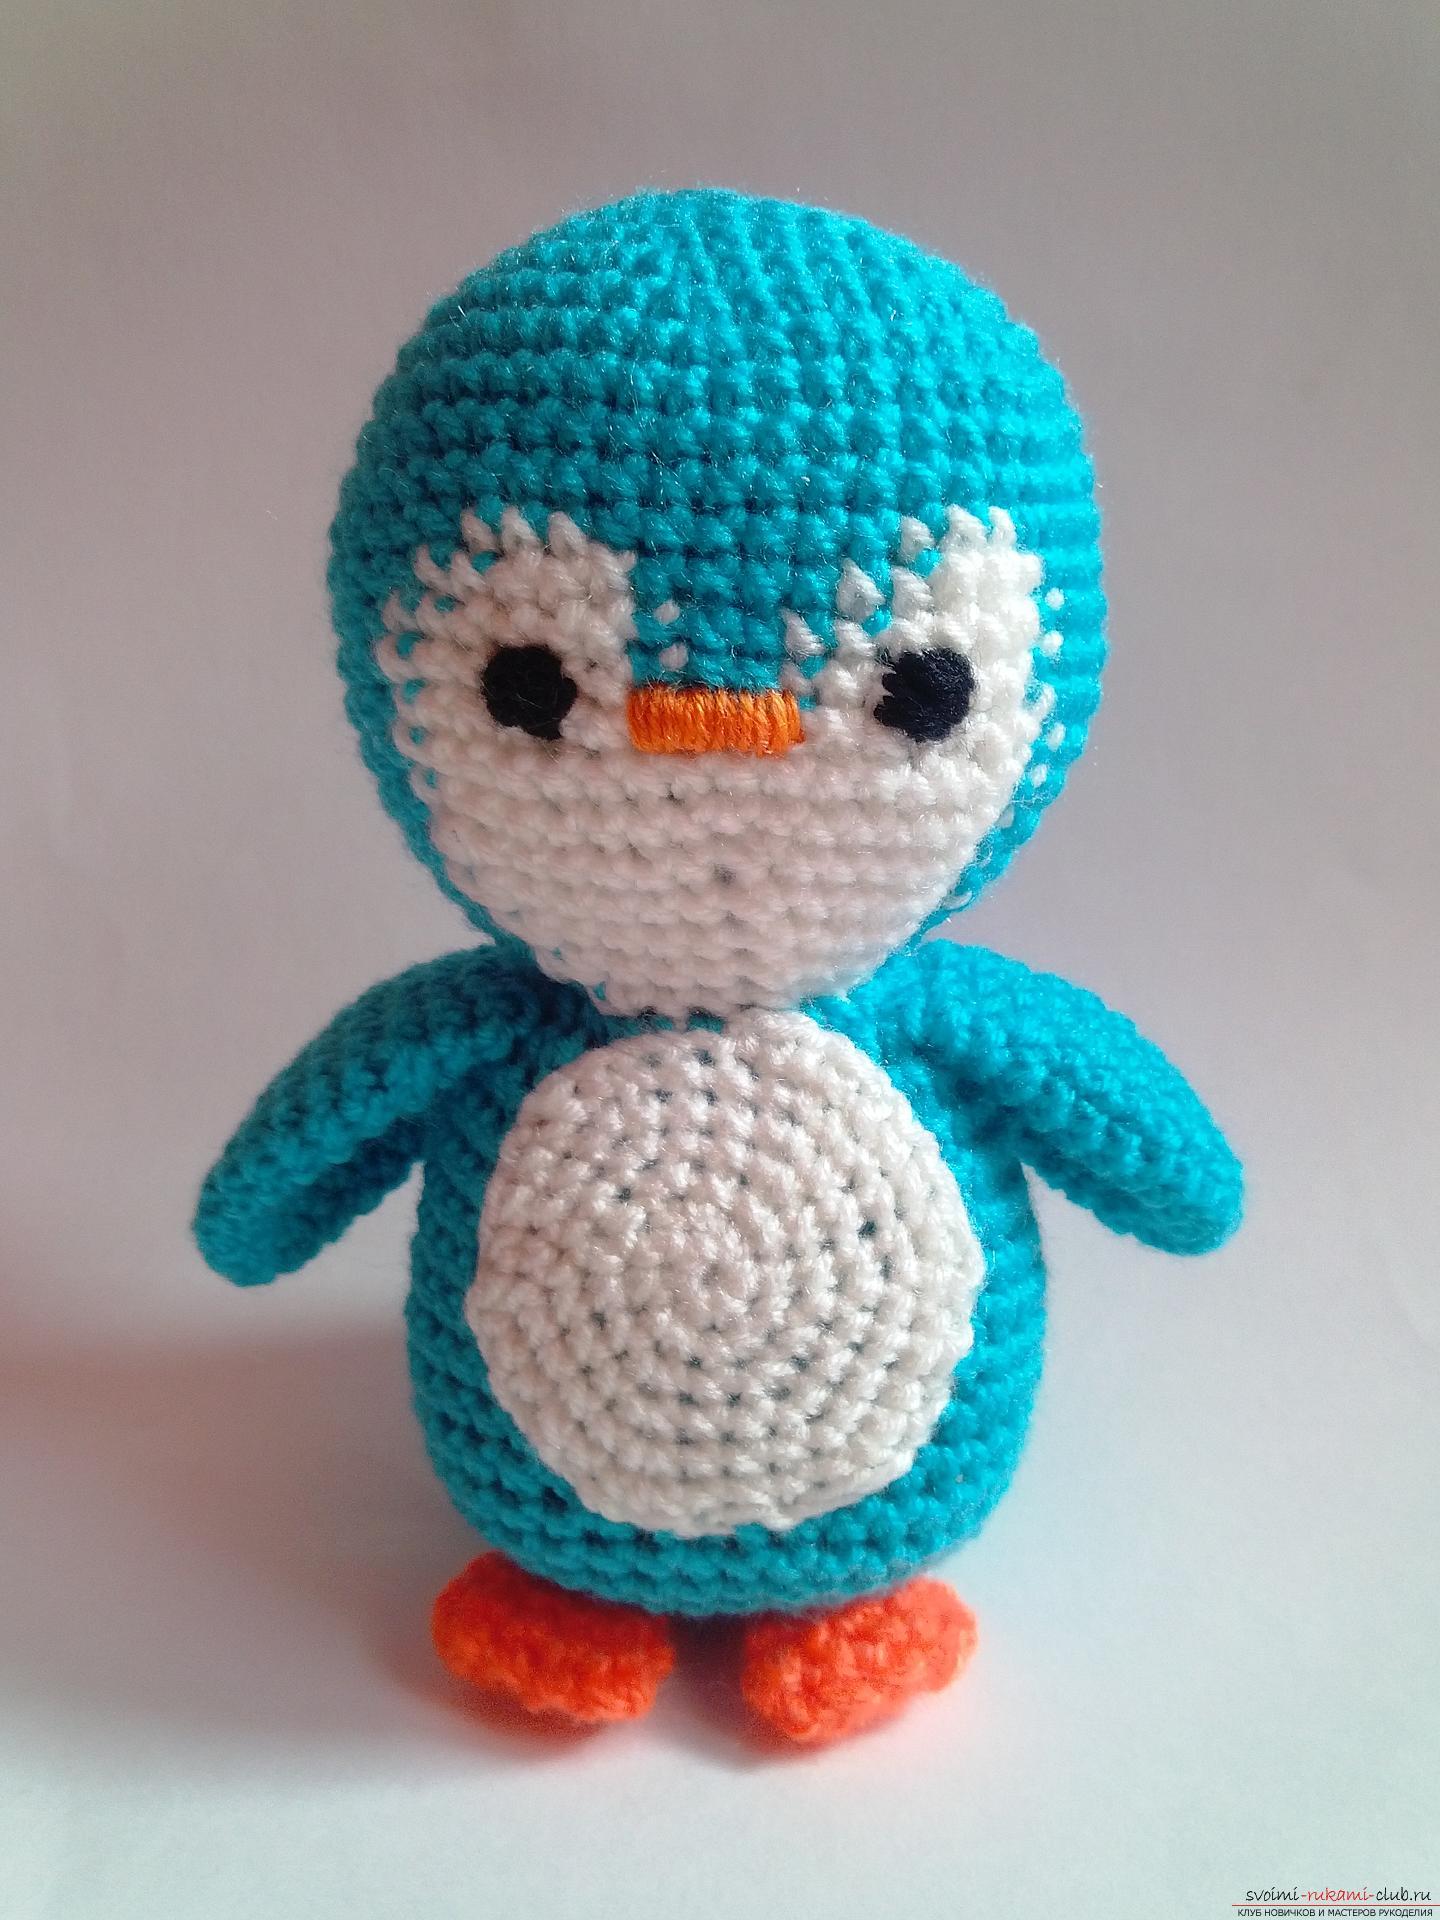 Этот мастер-класс вязания игрушки крючком подробно описывает и показывает на фото как вяжется пингвин своими руками.. Фото №1